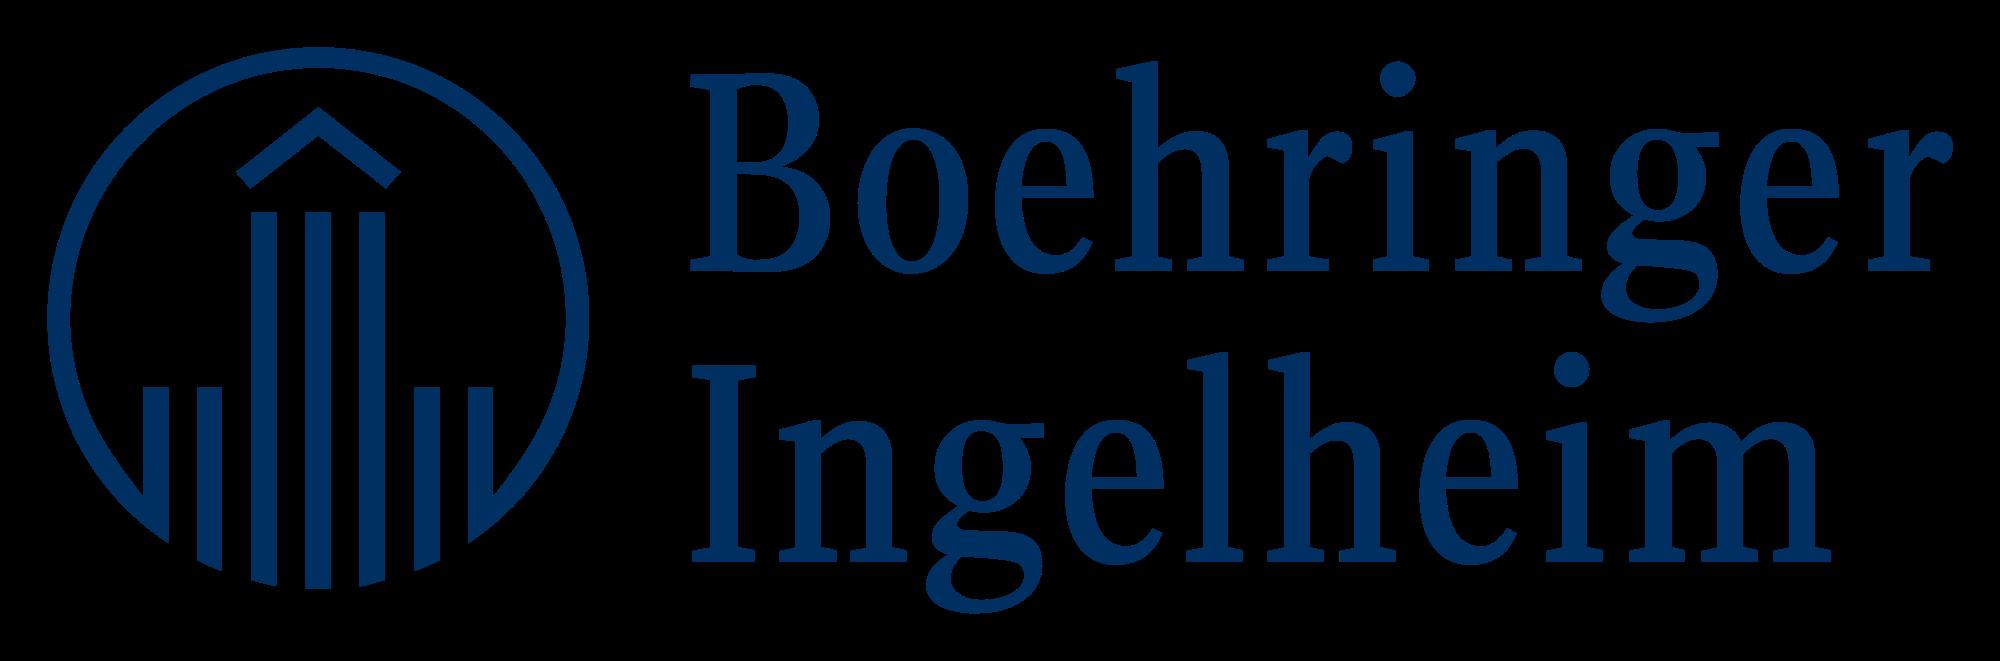 Boehringer Ingelheim Middle East & North Africa(Scientific Office)FZ-